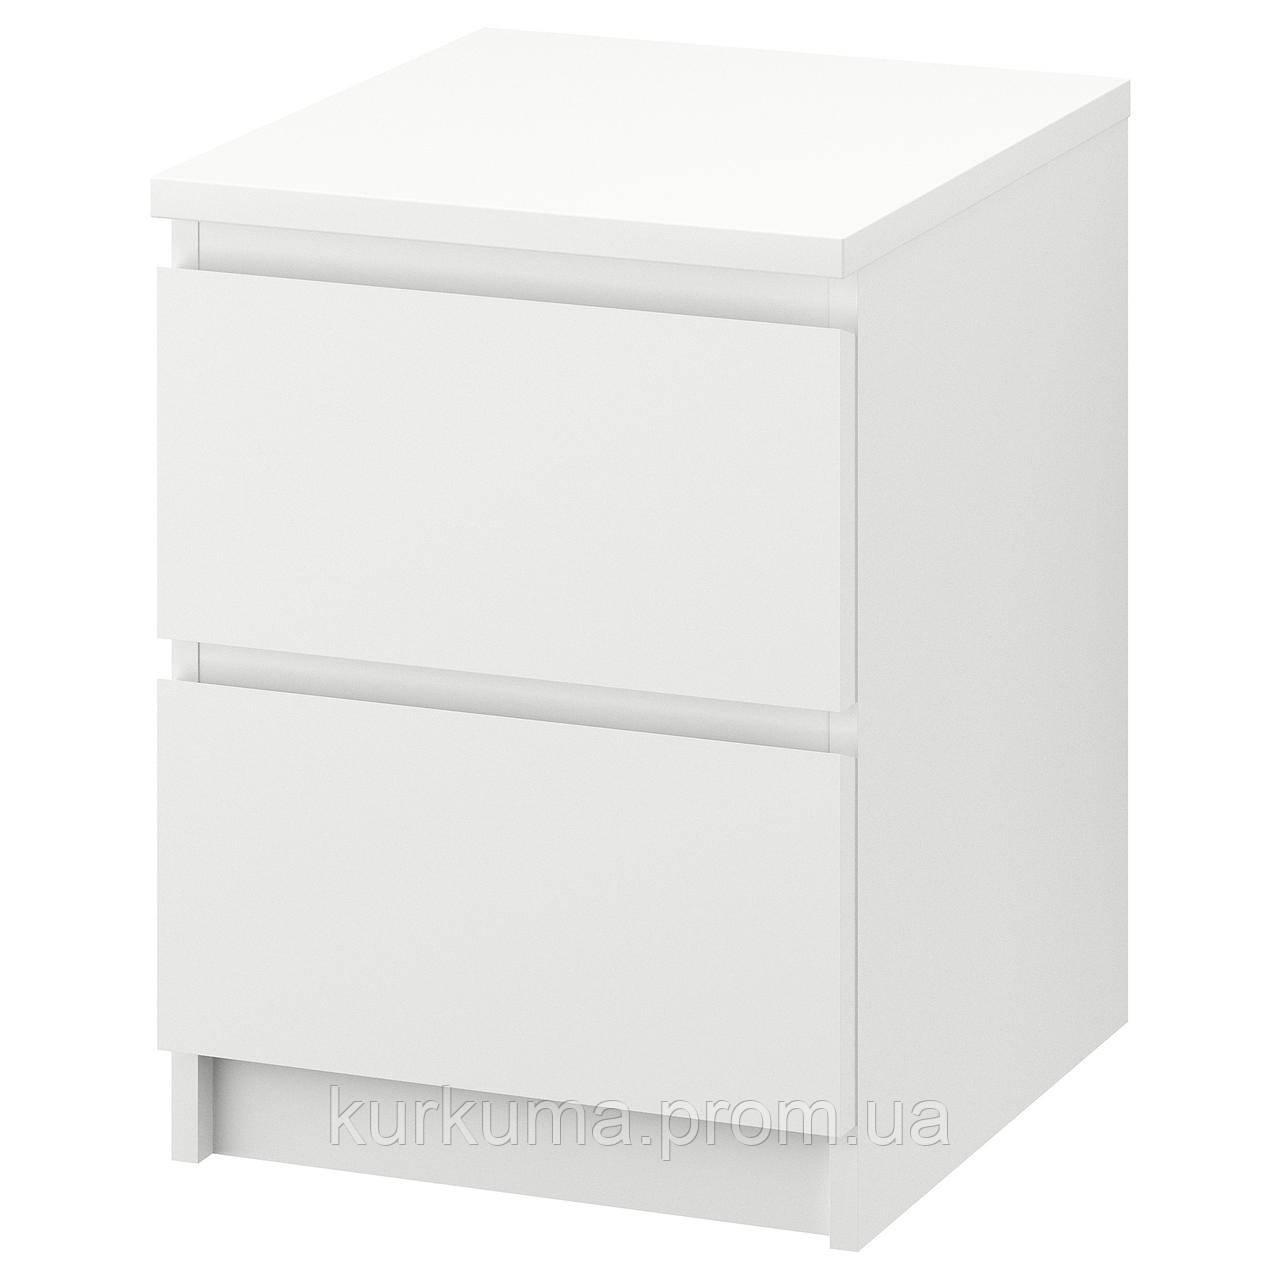 IKEA MALM Комод с 2 ящиками, белый  (802.145.49)